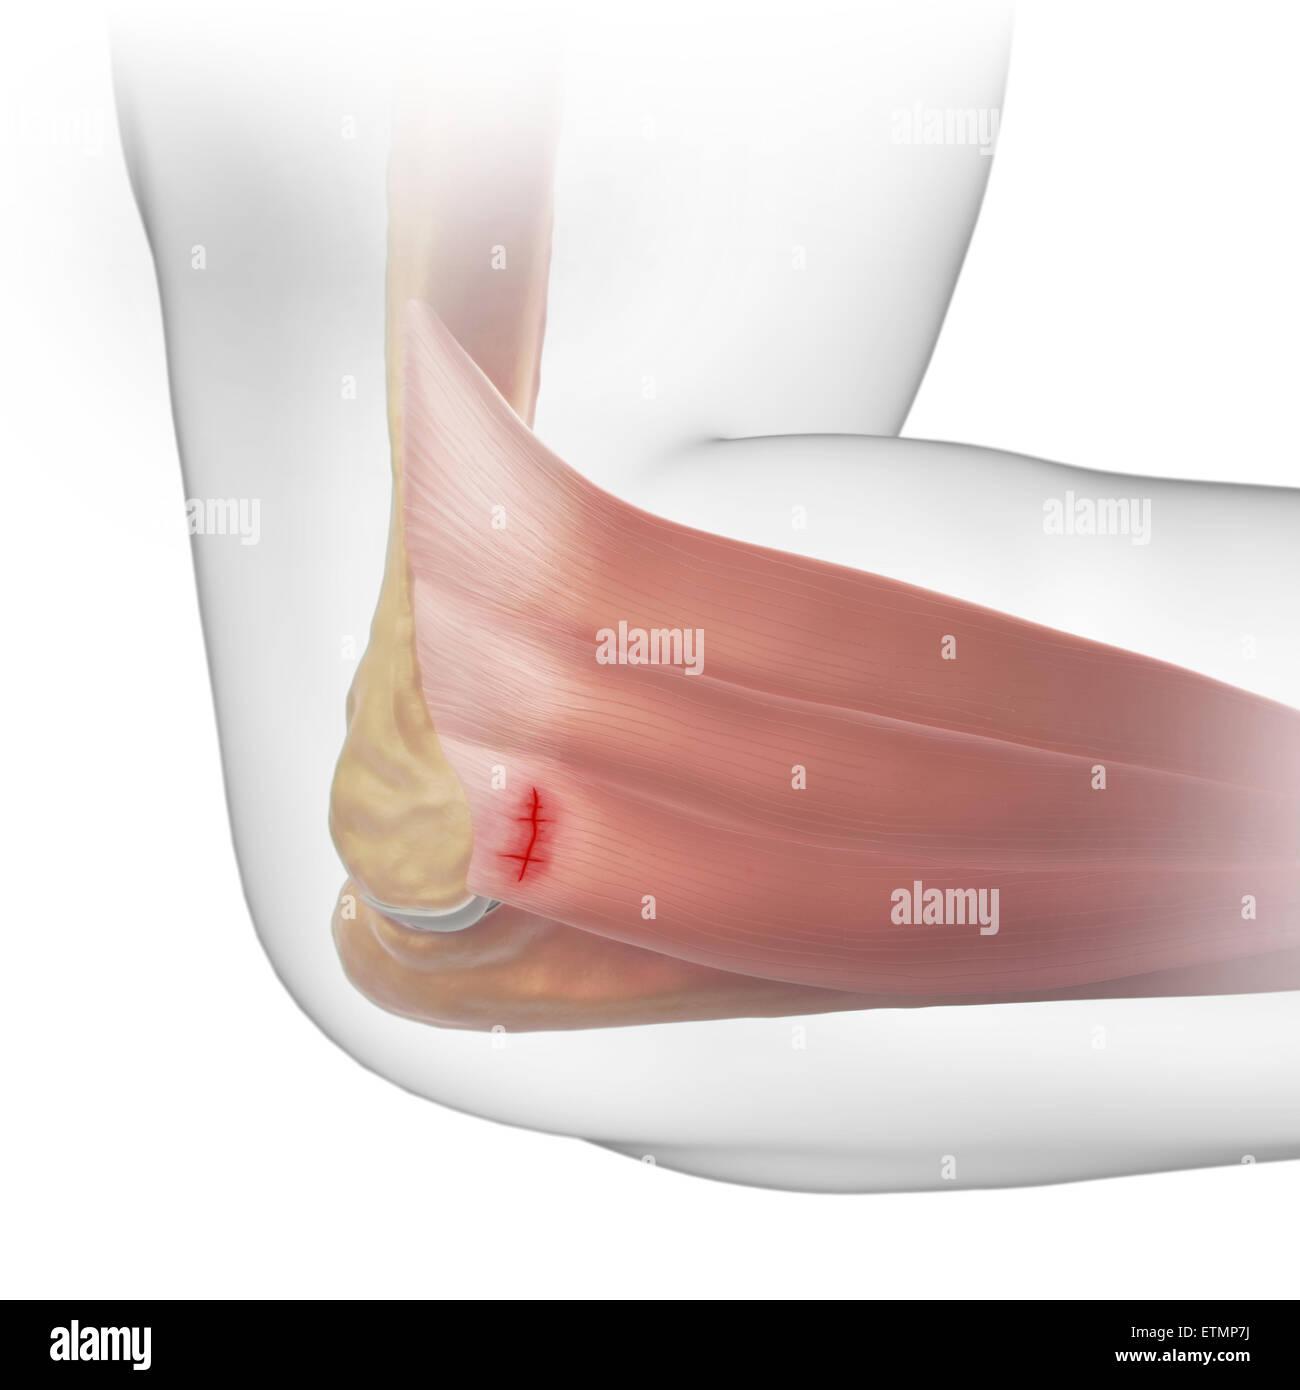 Ilustración del brazo con piel transparente para mostrar lesiones de ...